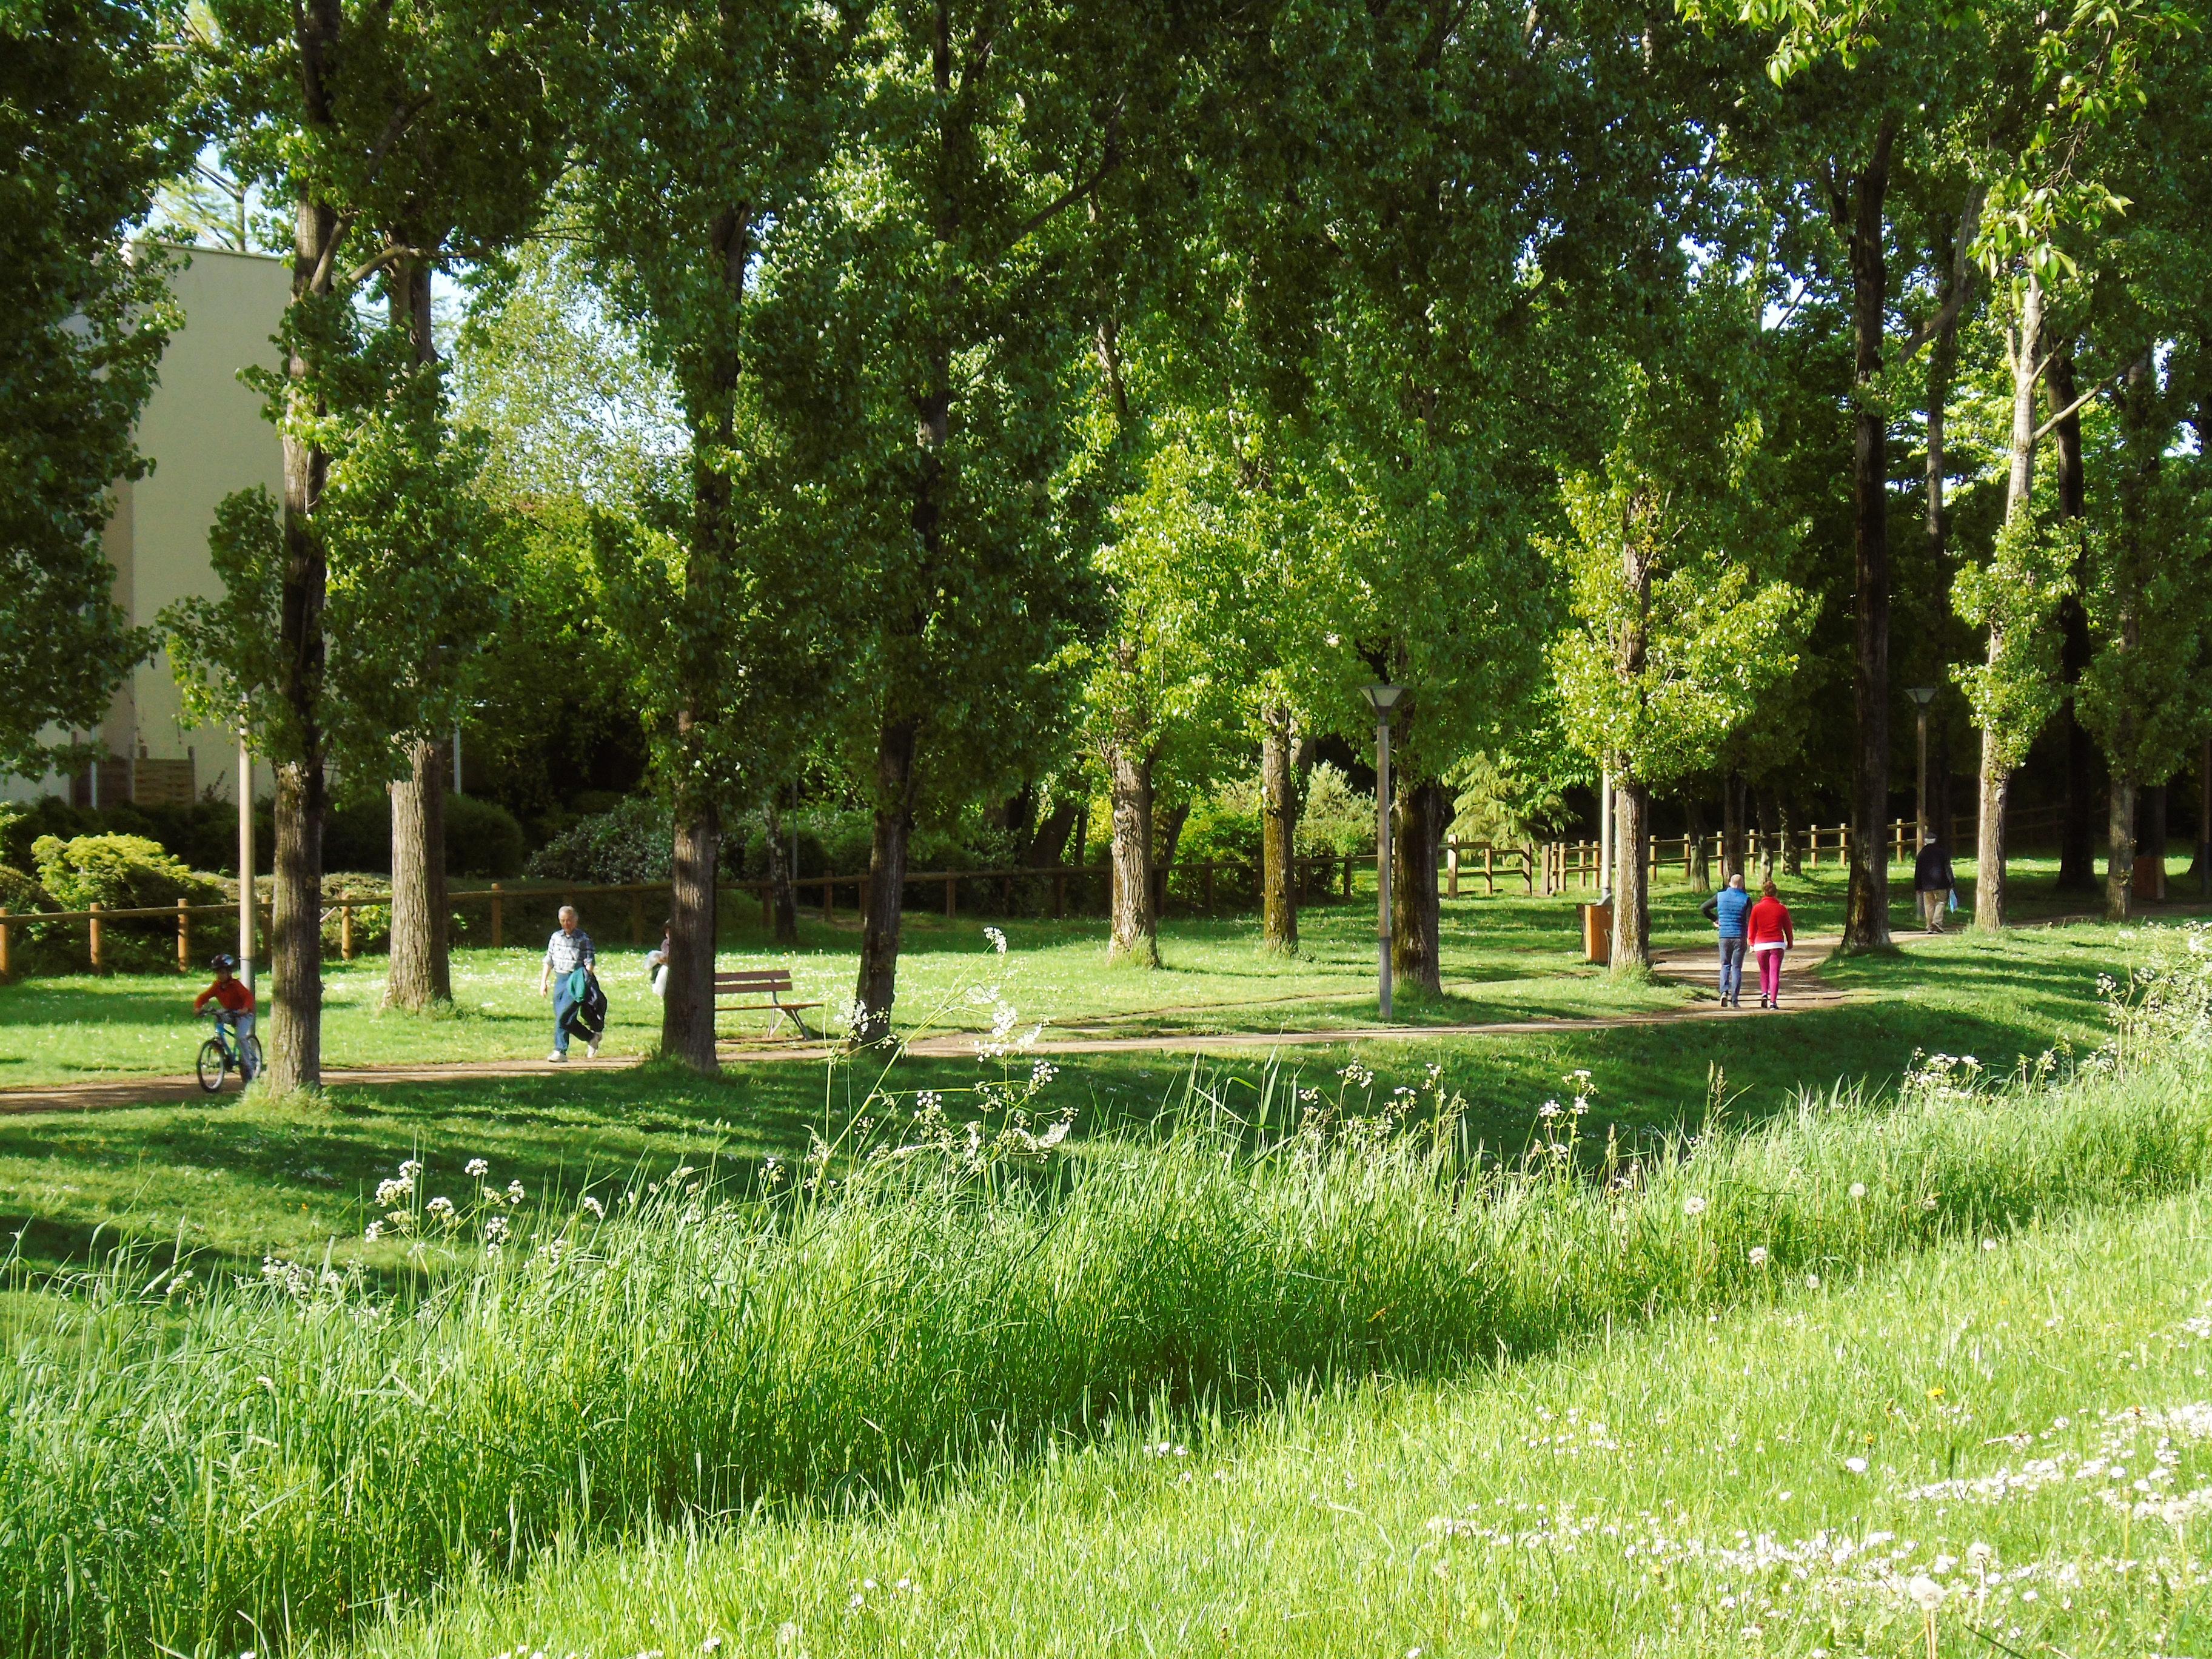 Canal de l'Ourcq - Aulnay-sous-Bois - Promenade verte avec des passants - (C) Alexandre Conan